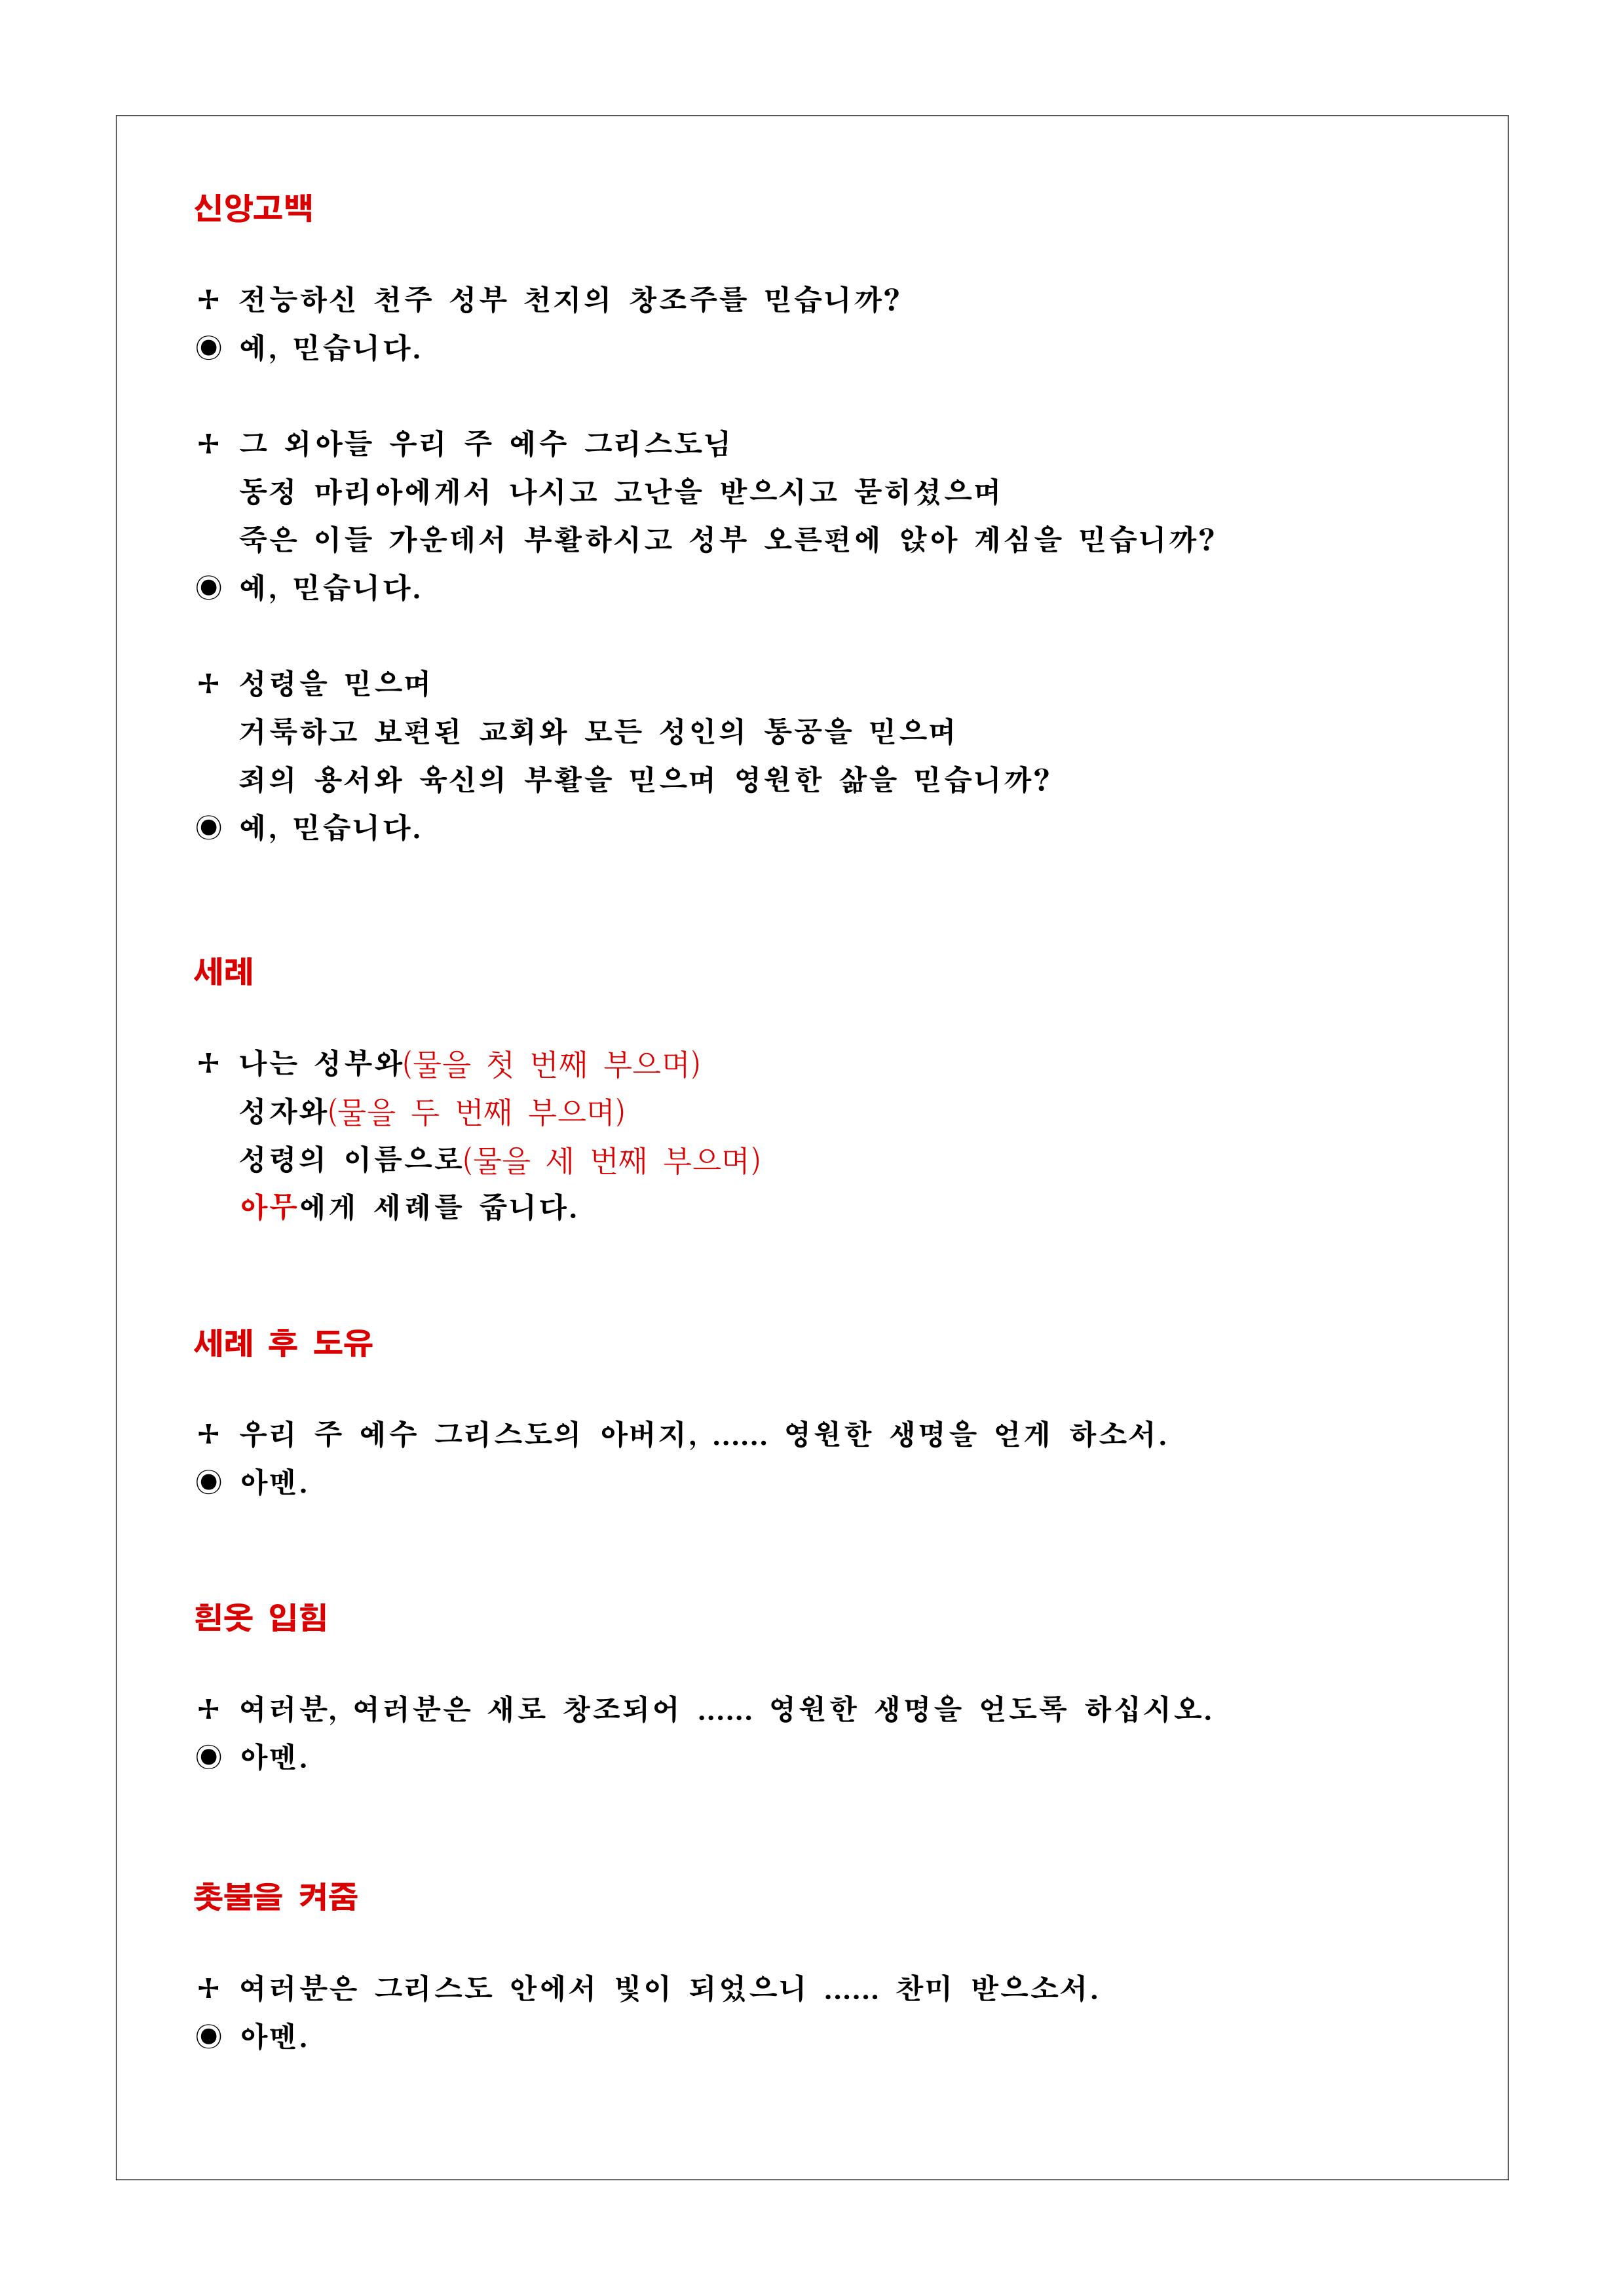 어른 입교 예식(괴정성당용-예비신자용)2.jpg